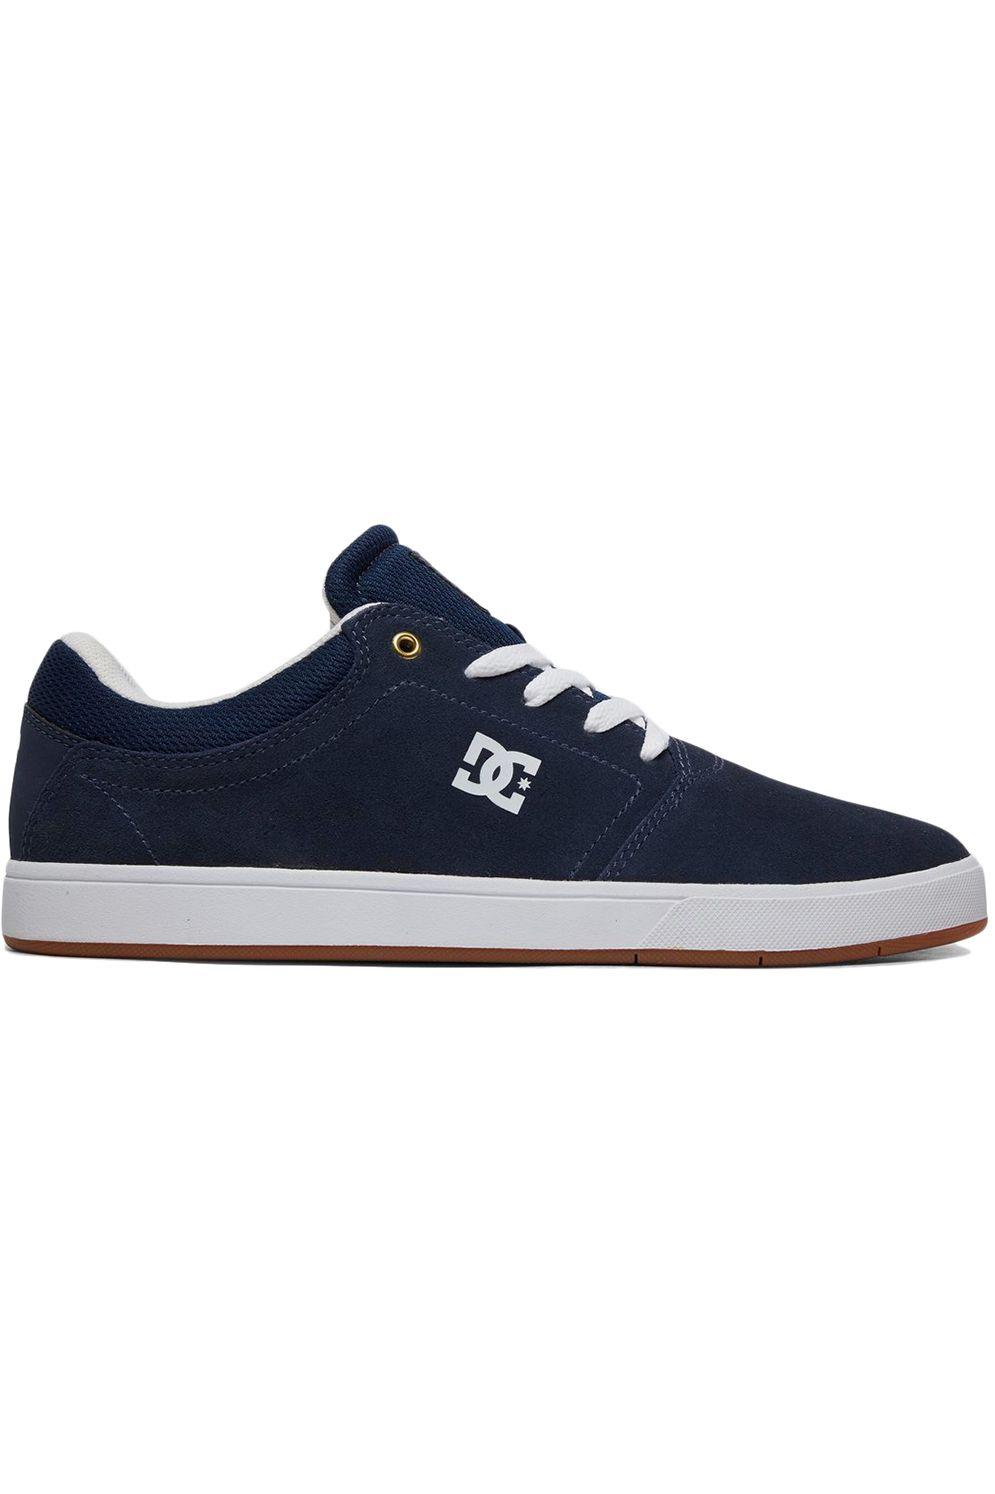 DC Shoes Shoes CRISIS Dc Navy/Gum